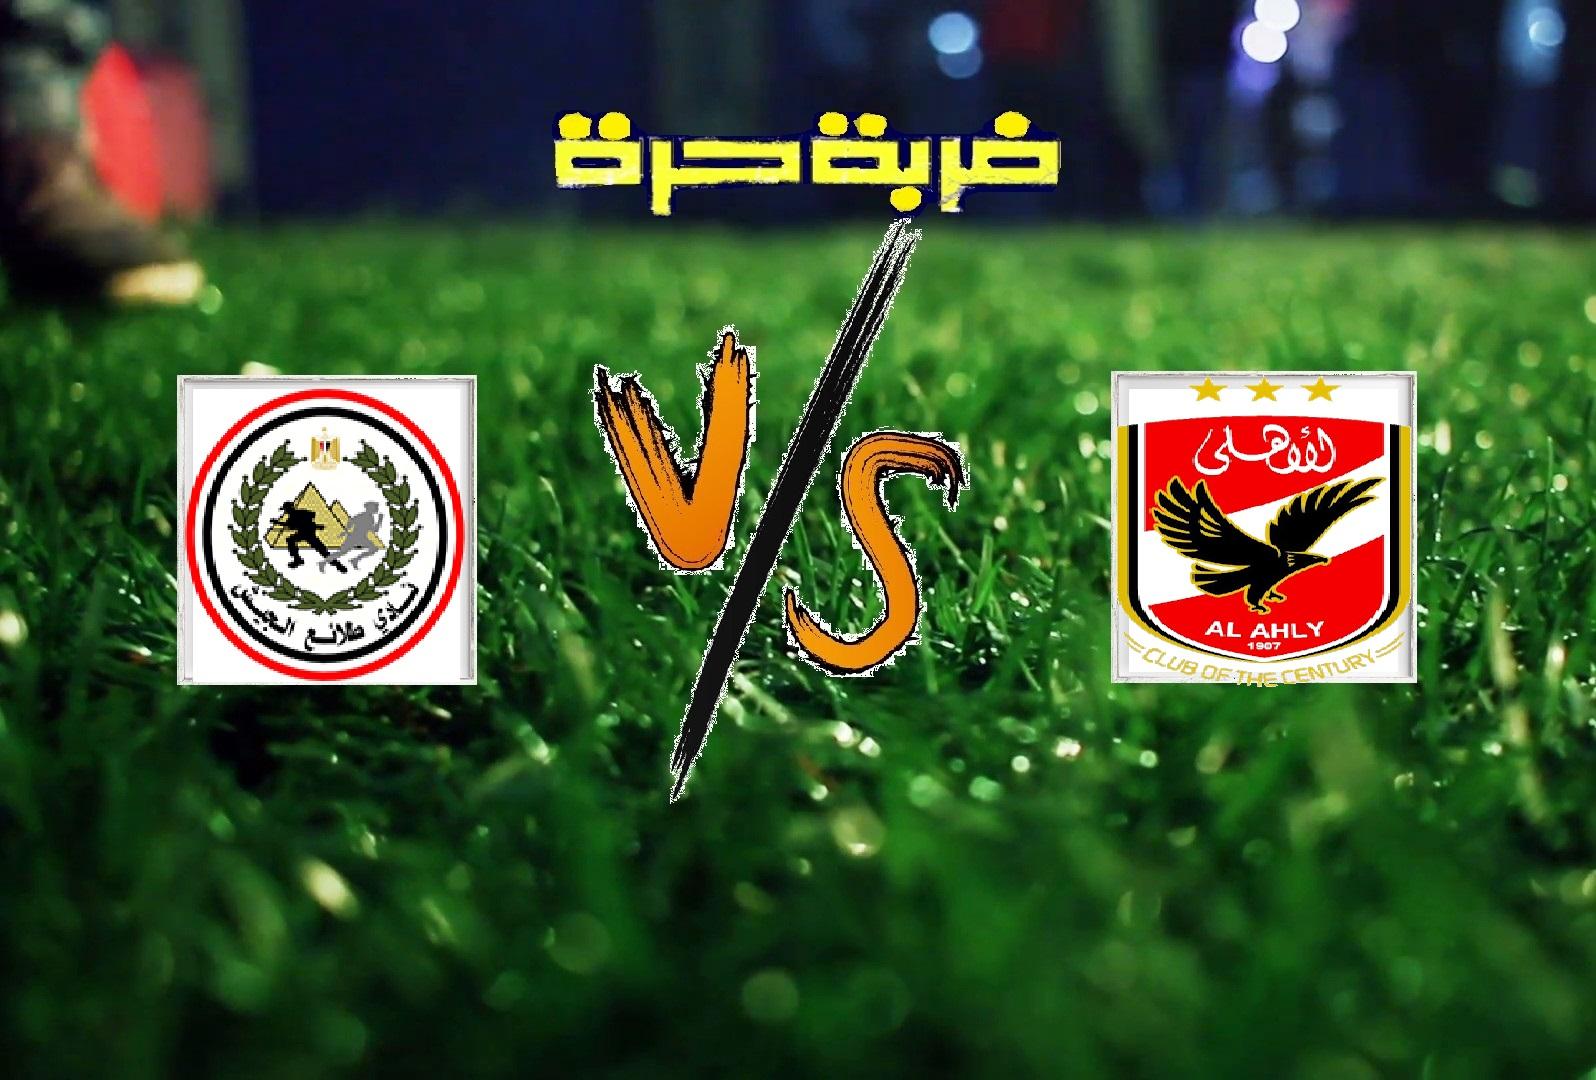 الاهلي يفوز على طلائع الجيش بهدفين مقابل هدف في الجولة الـ31 من الدوري المصري